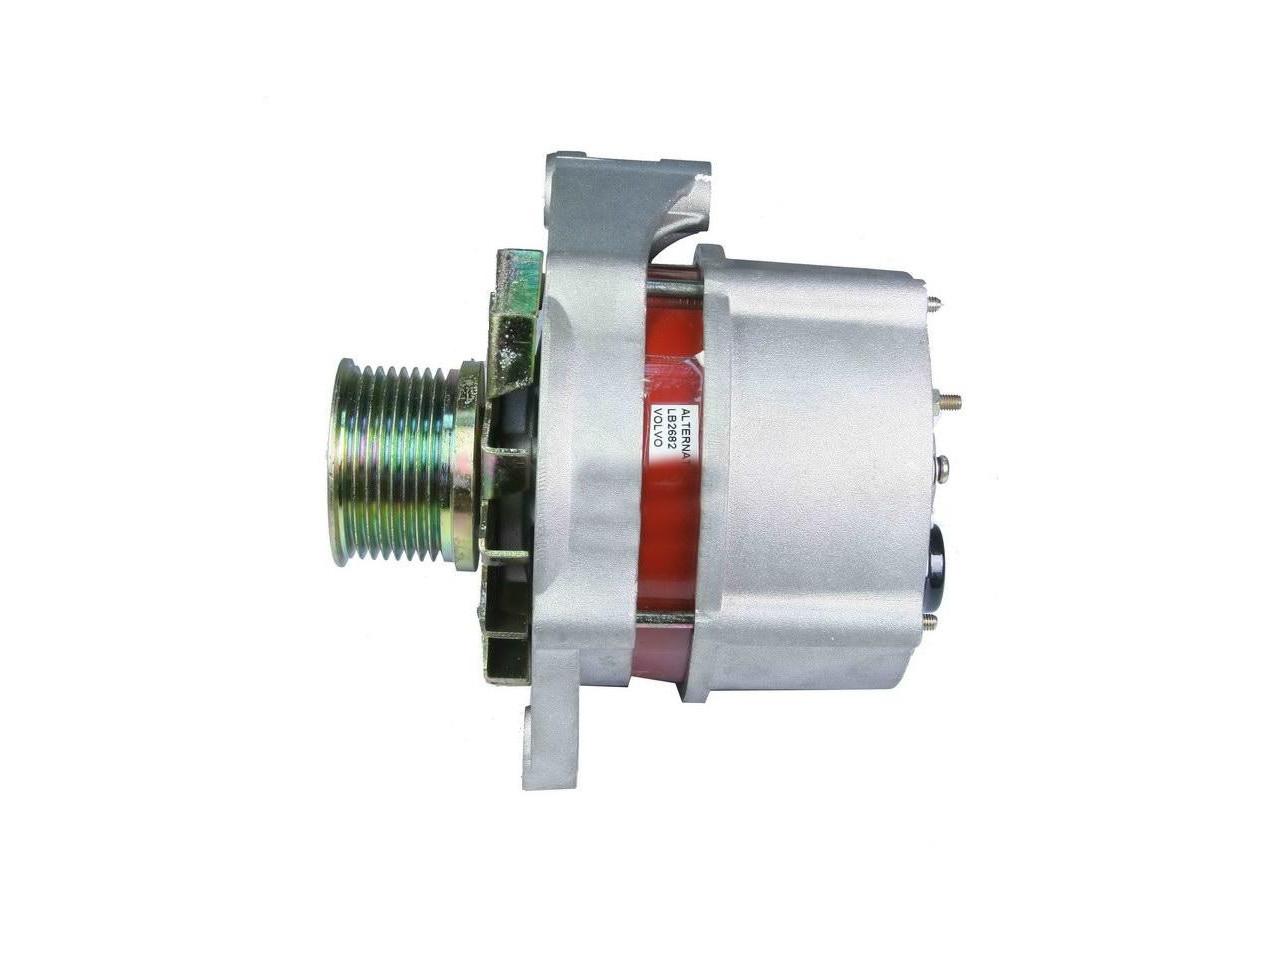 Генератор переменного тока 0120-488-205